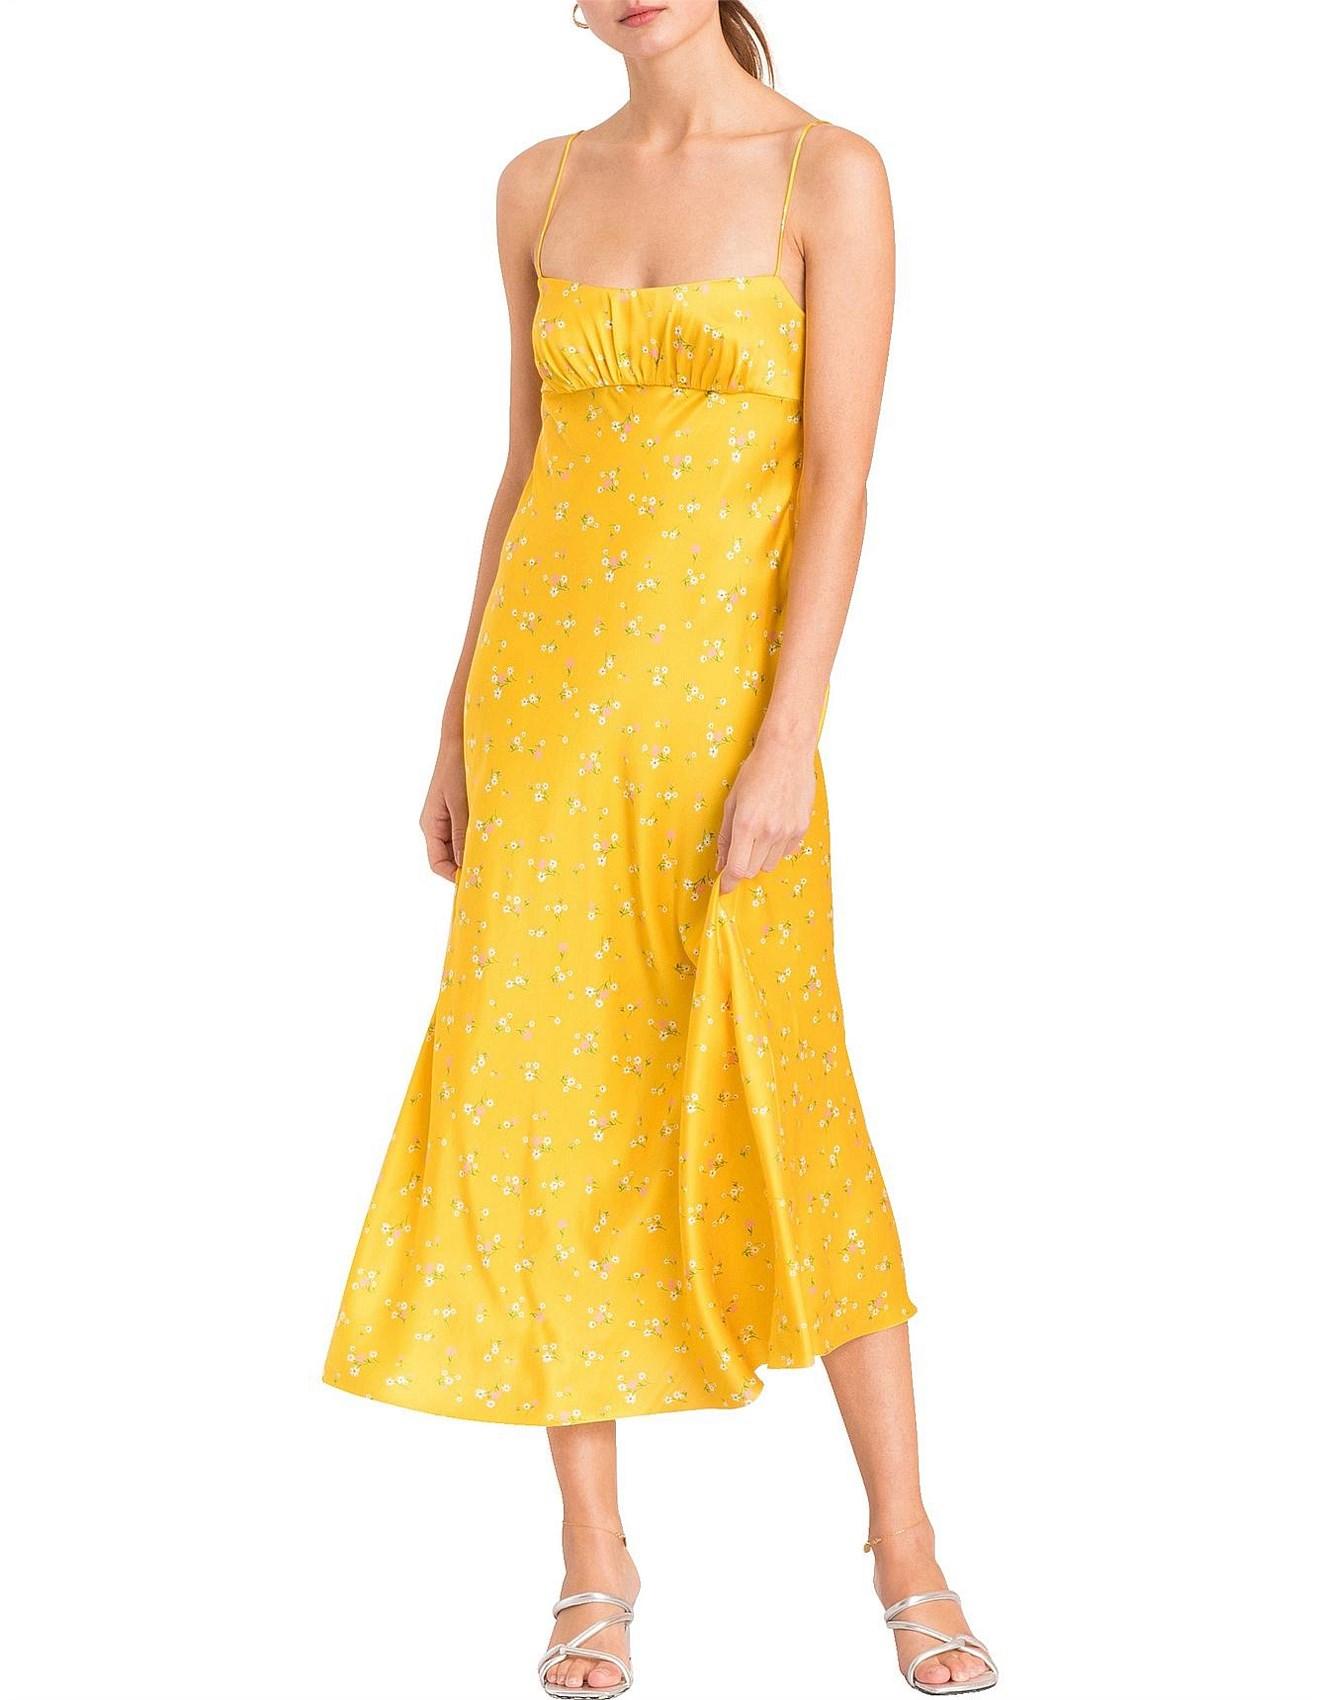 Bec & Bridge | Buy Bec & Bridge Clothing Online | David Jones - Only In Paris Slip Dress